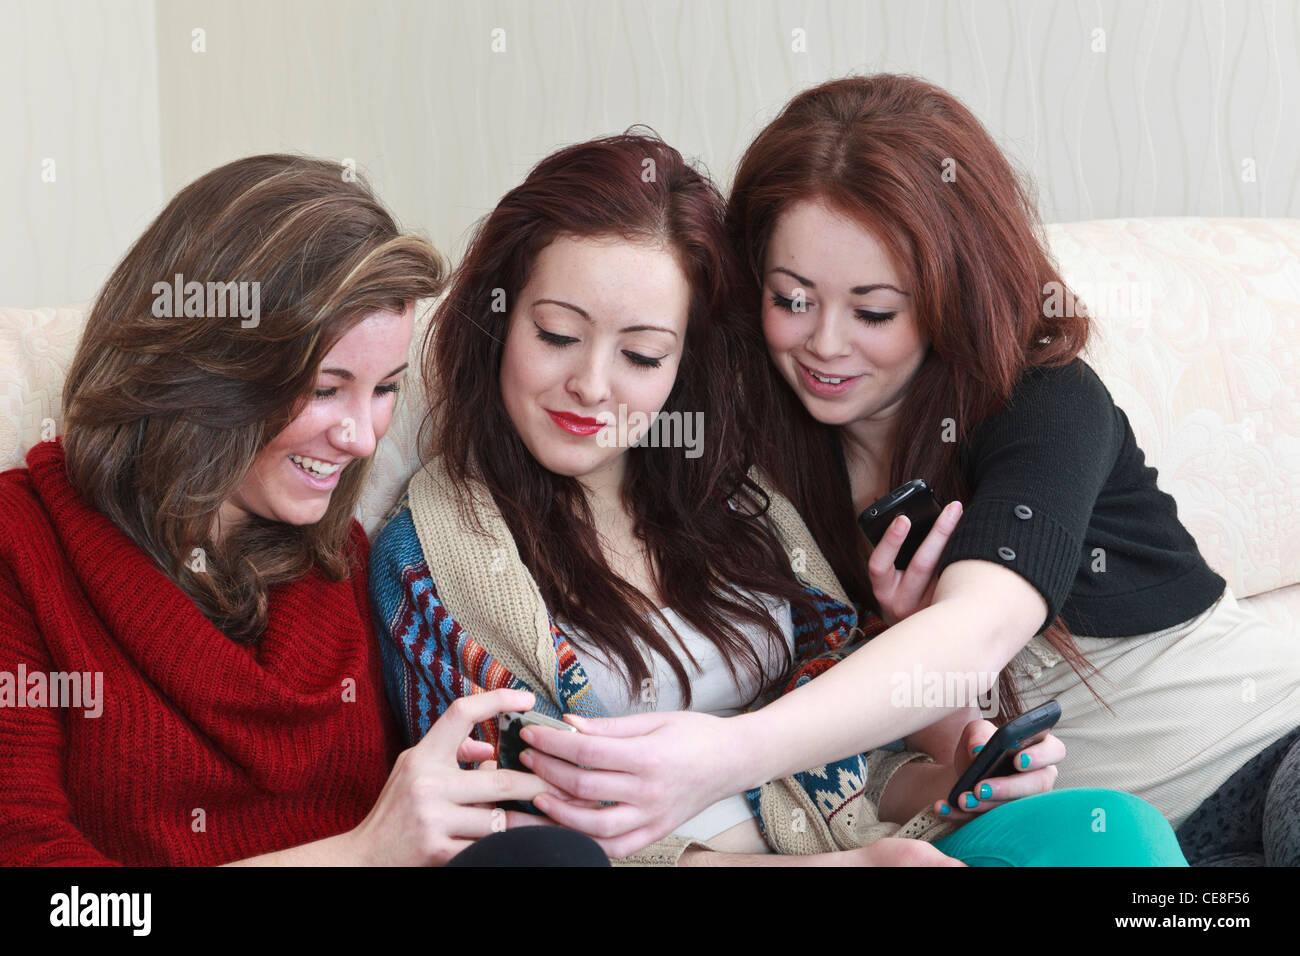 La génération z trois amis adolescente âgée de 15 ans ayant un rire regarder des photos sur un téléphone mobile assis sur un canapé. UK Banque D'Images